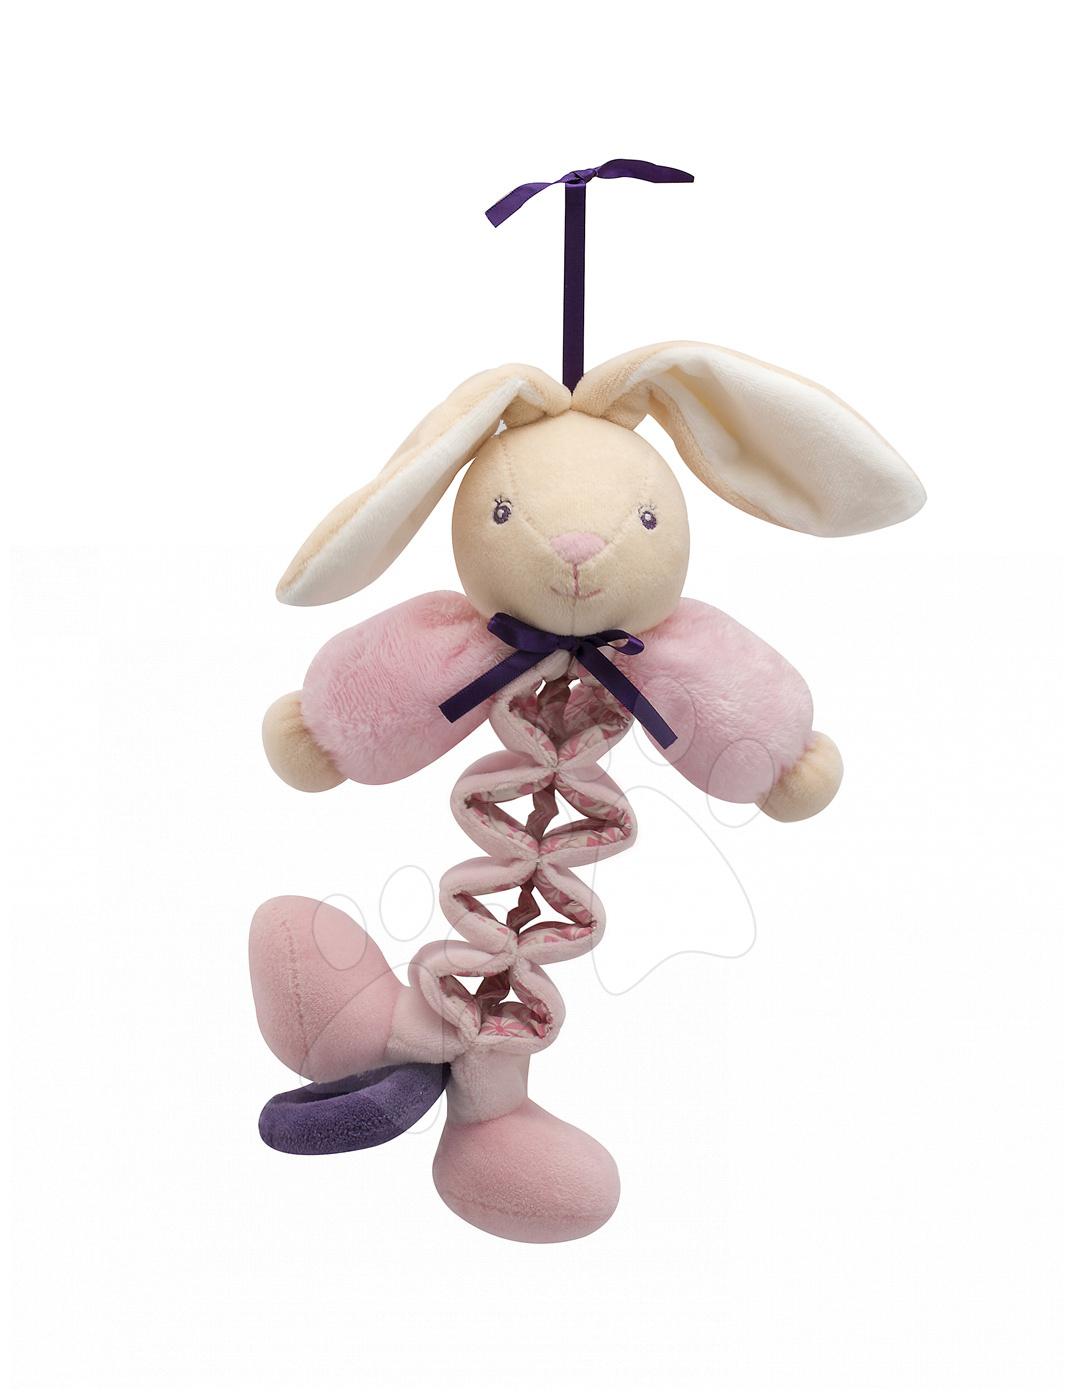 Plyšový zajačik Petite Rose-Zig Music Rabbit Kaloo spievajúci naťahujúci 32-42 cm pre najmenších